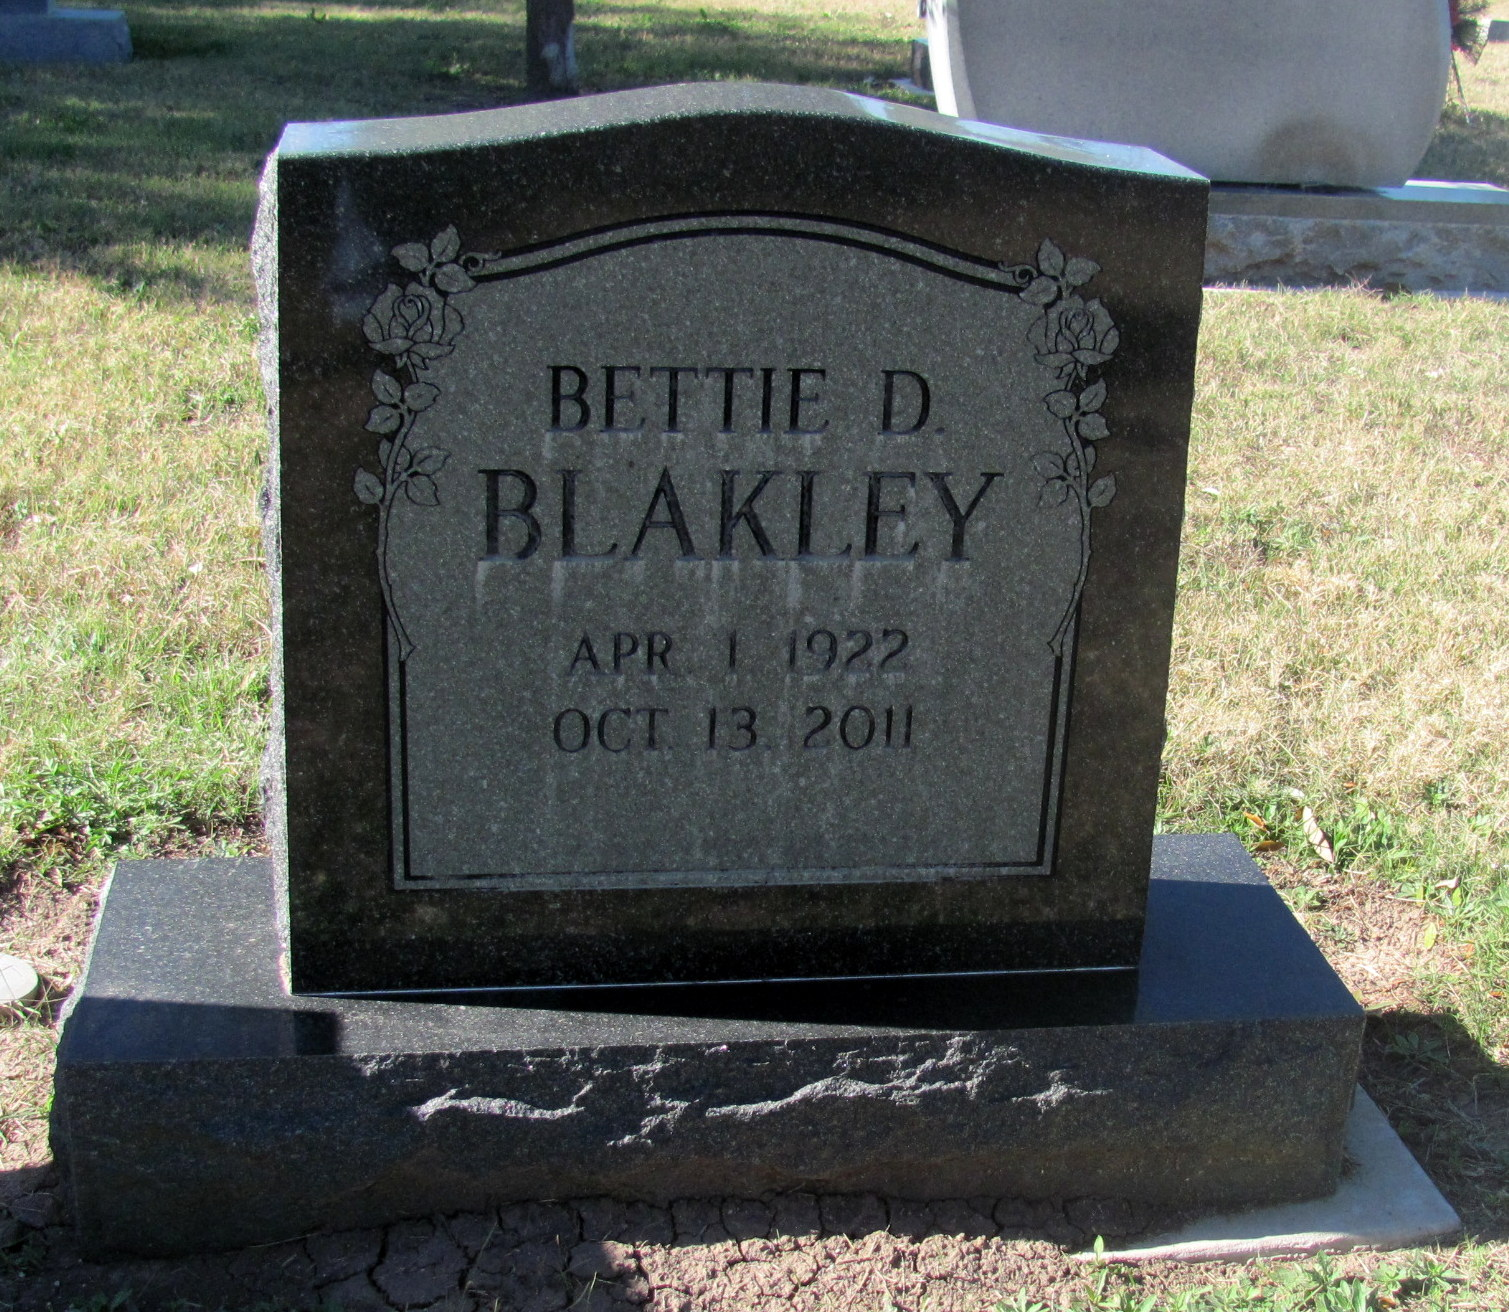 Bettie Dicie Blakley